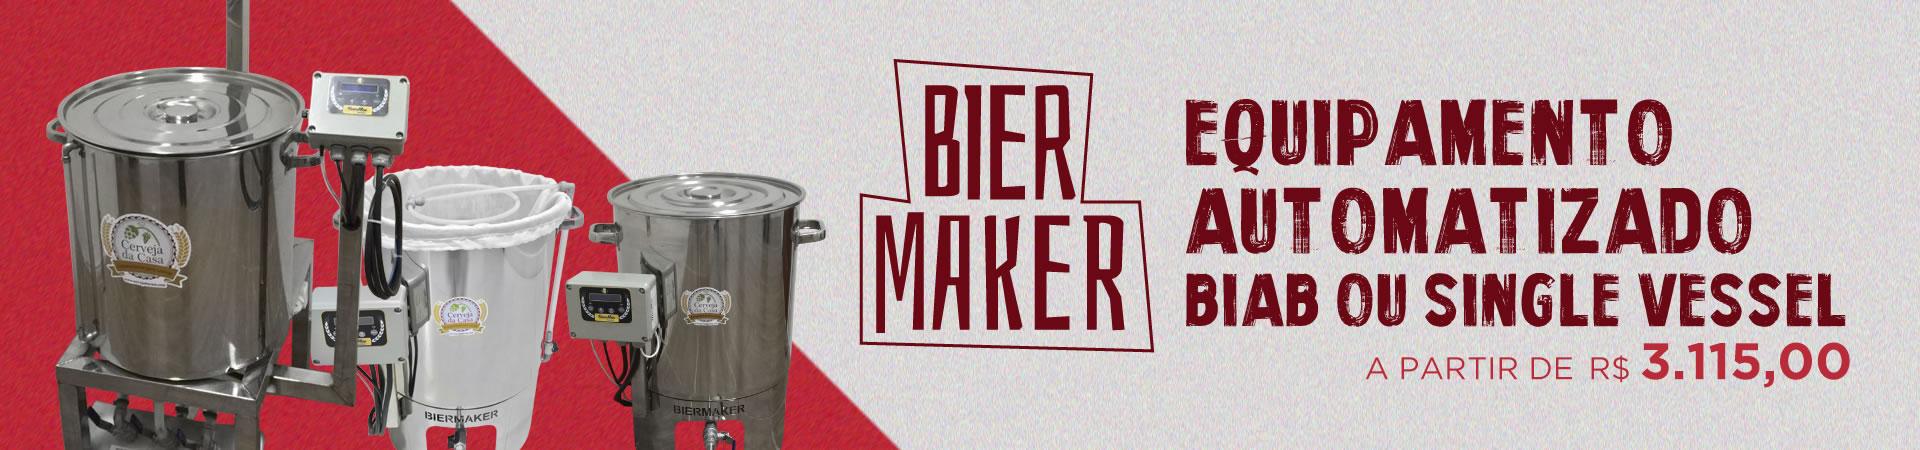 Biermaker